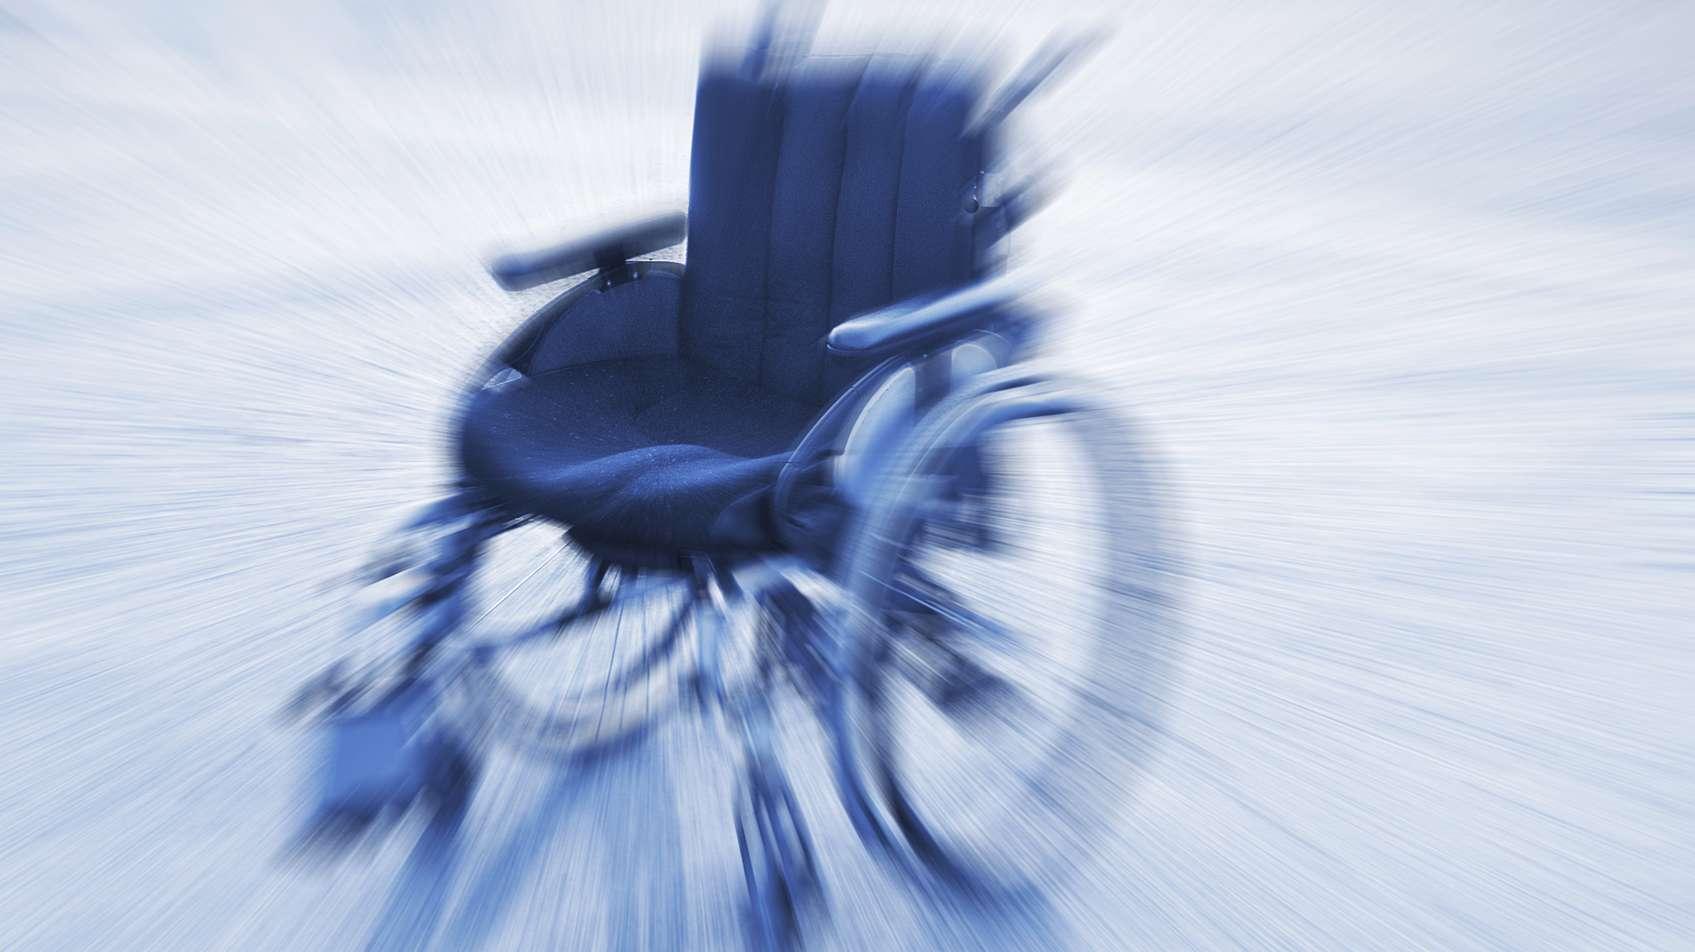 Rollstuhl auf einem Korridor